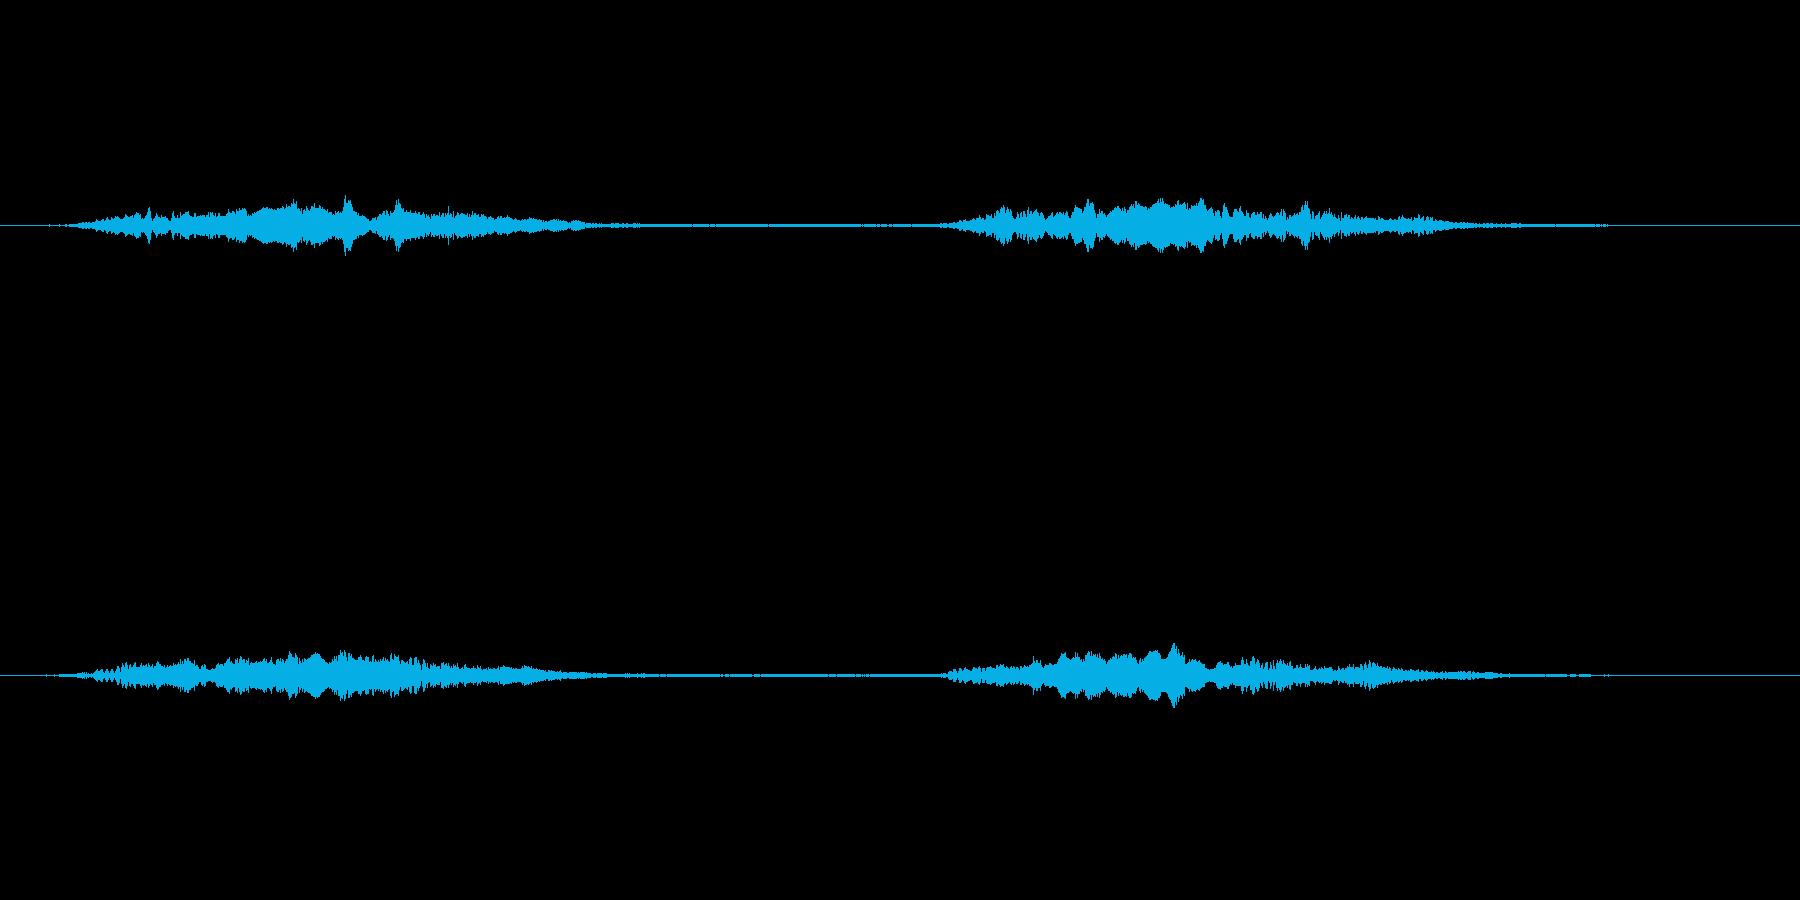 (鳴き声)の再生済みの波形